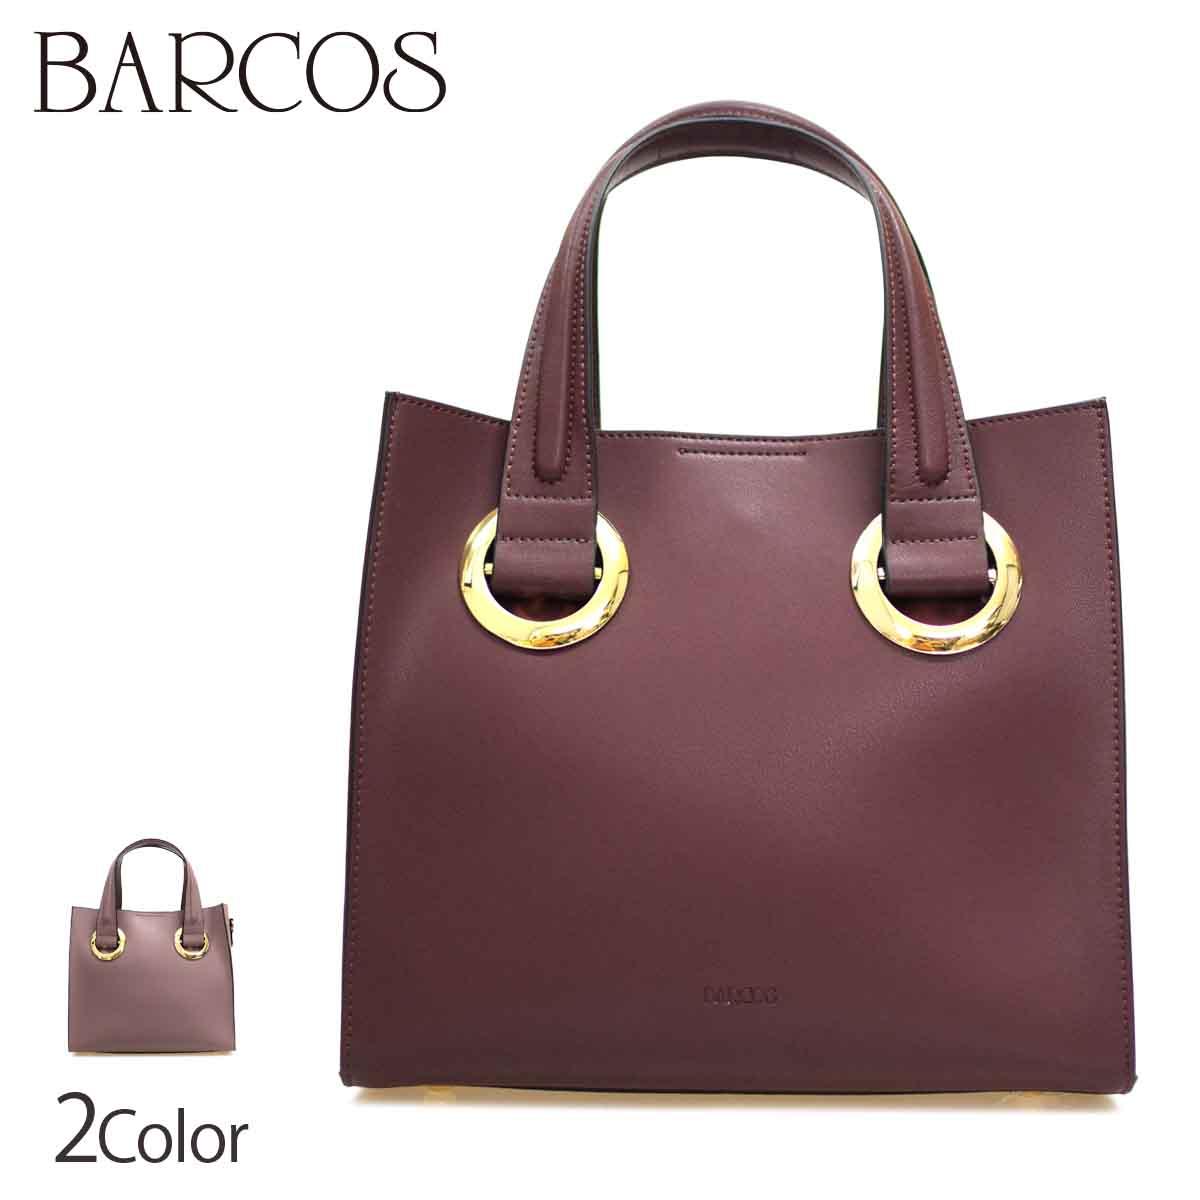 BARCOS 全2色 ONESIZE バルコス レディース 2WAY金具デザインバッグ